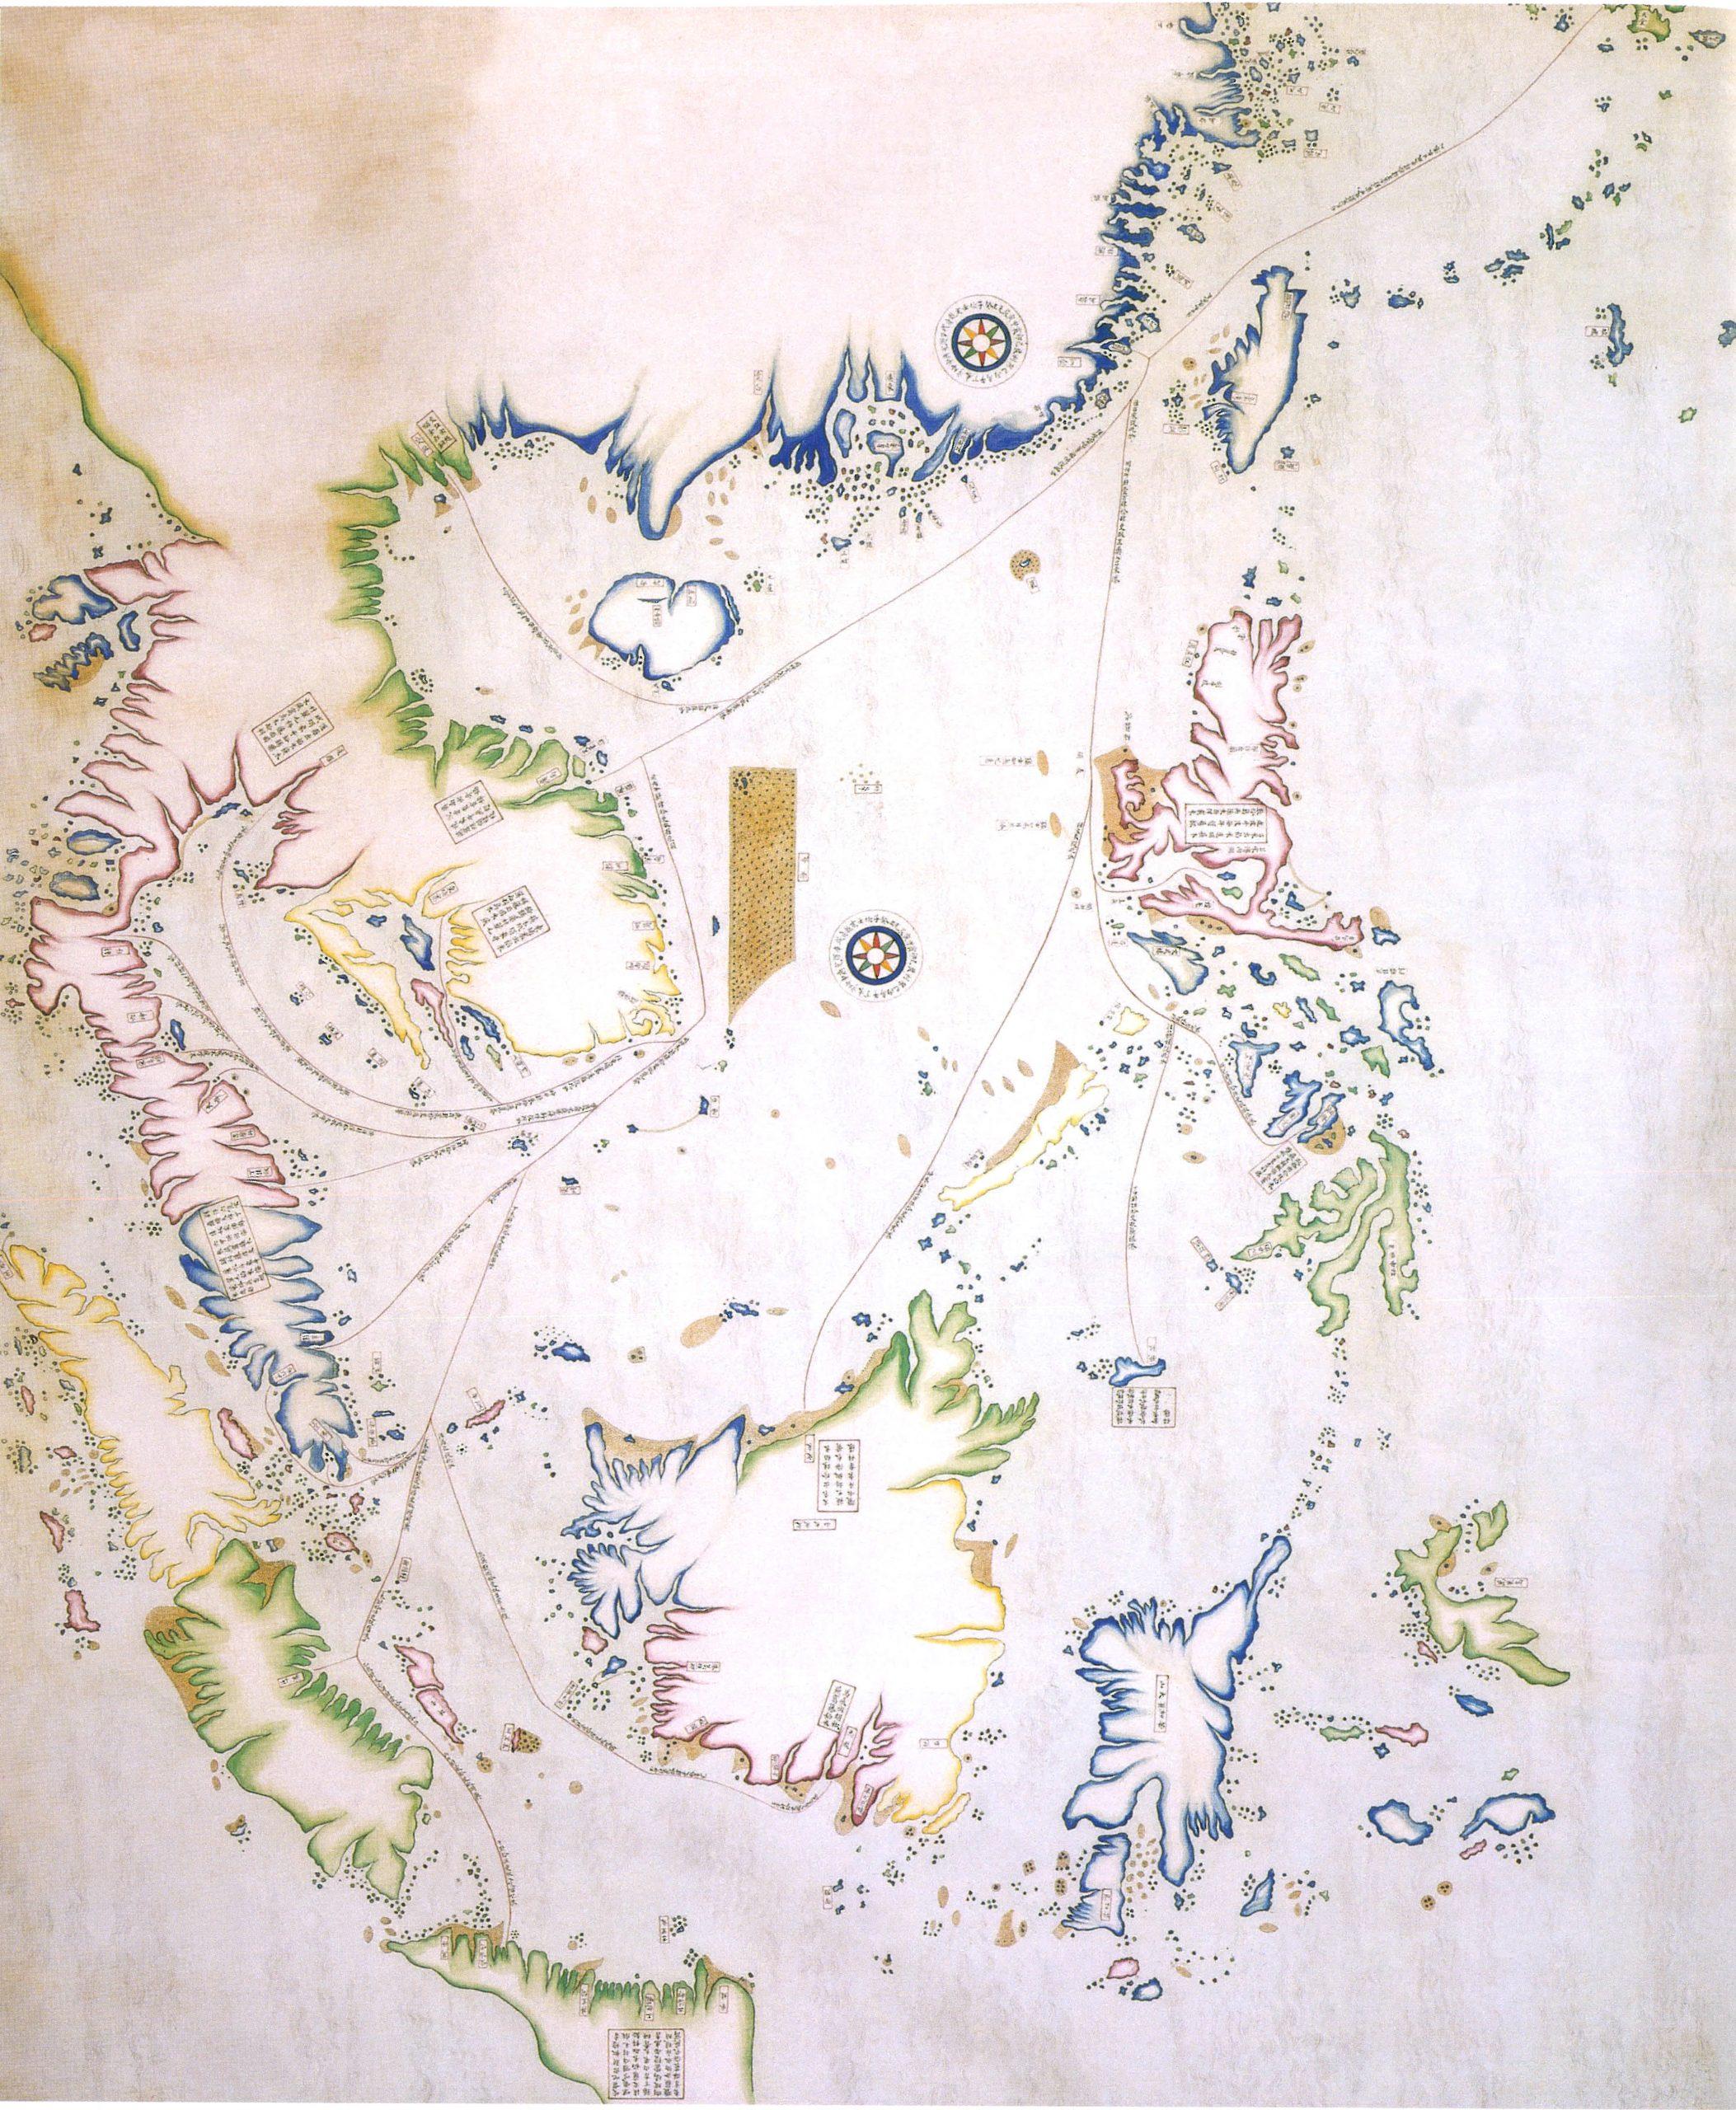 Shi-Shipiao-scaled.jpg